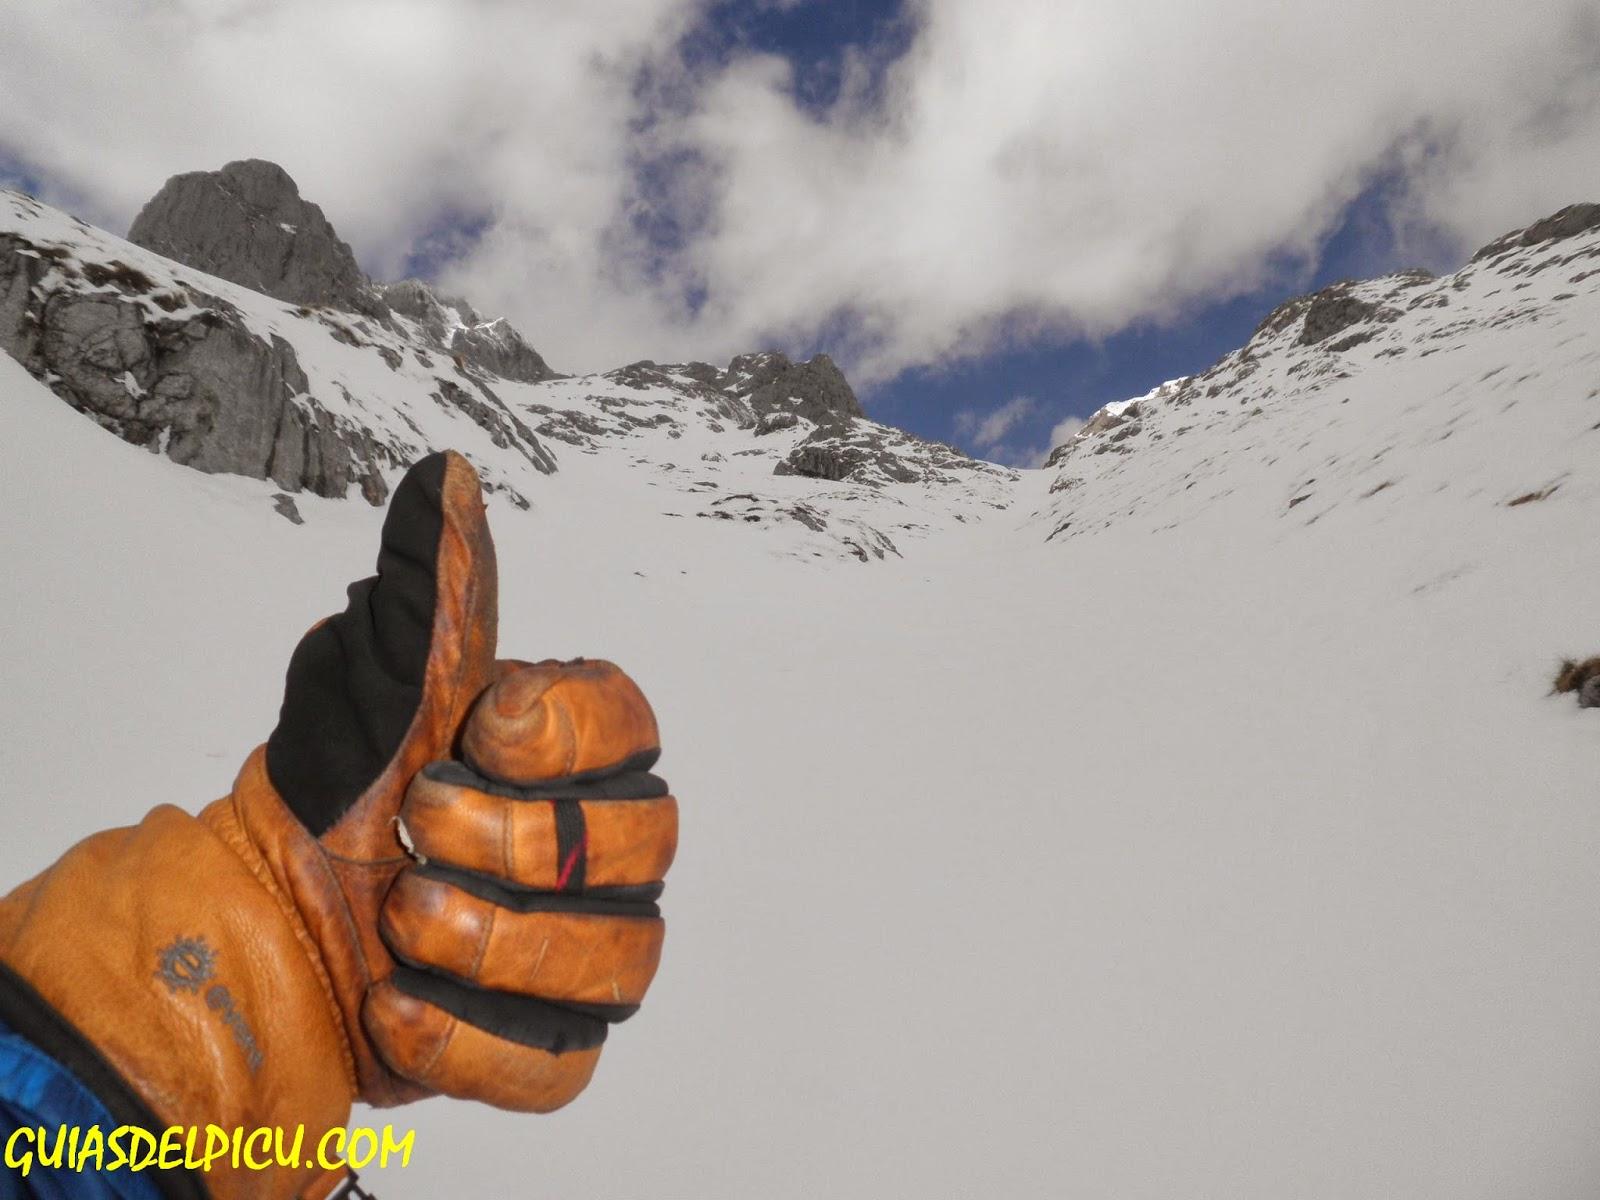 guiasdelpicu.com guias de alta montaña,Rab guide glove, guante Rab , especialistas en las grandes montañas de Picos de Europa , guias , Fernando Calvo gonzalez